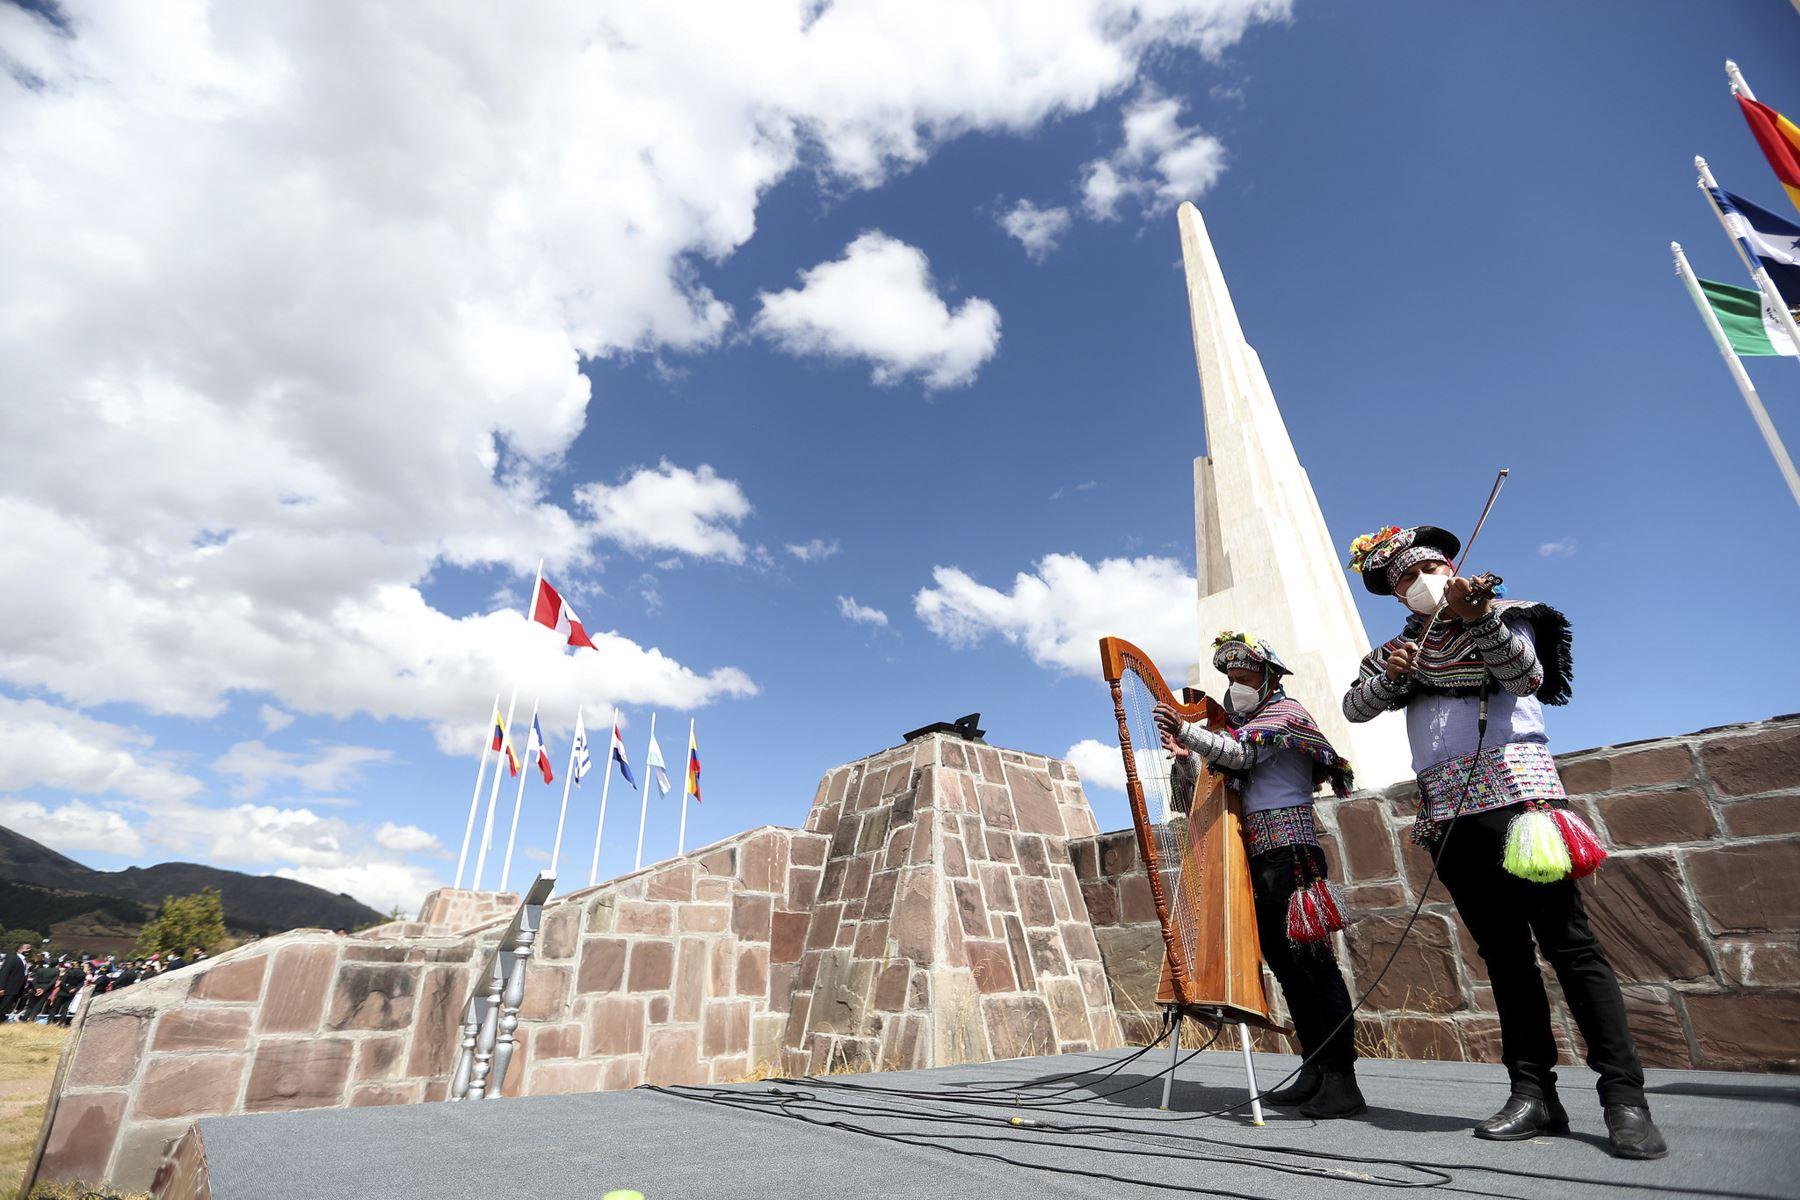 El presidente de la República, Pedro Castillo, encabeza la ceremonia de juramentación simbólica en la Pampa de la Quinua, ciudad de Ayacucho. Foto: ANDINA/ Prensa Presidencia